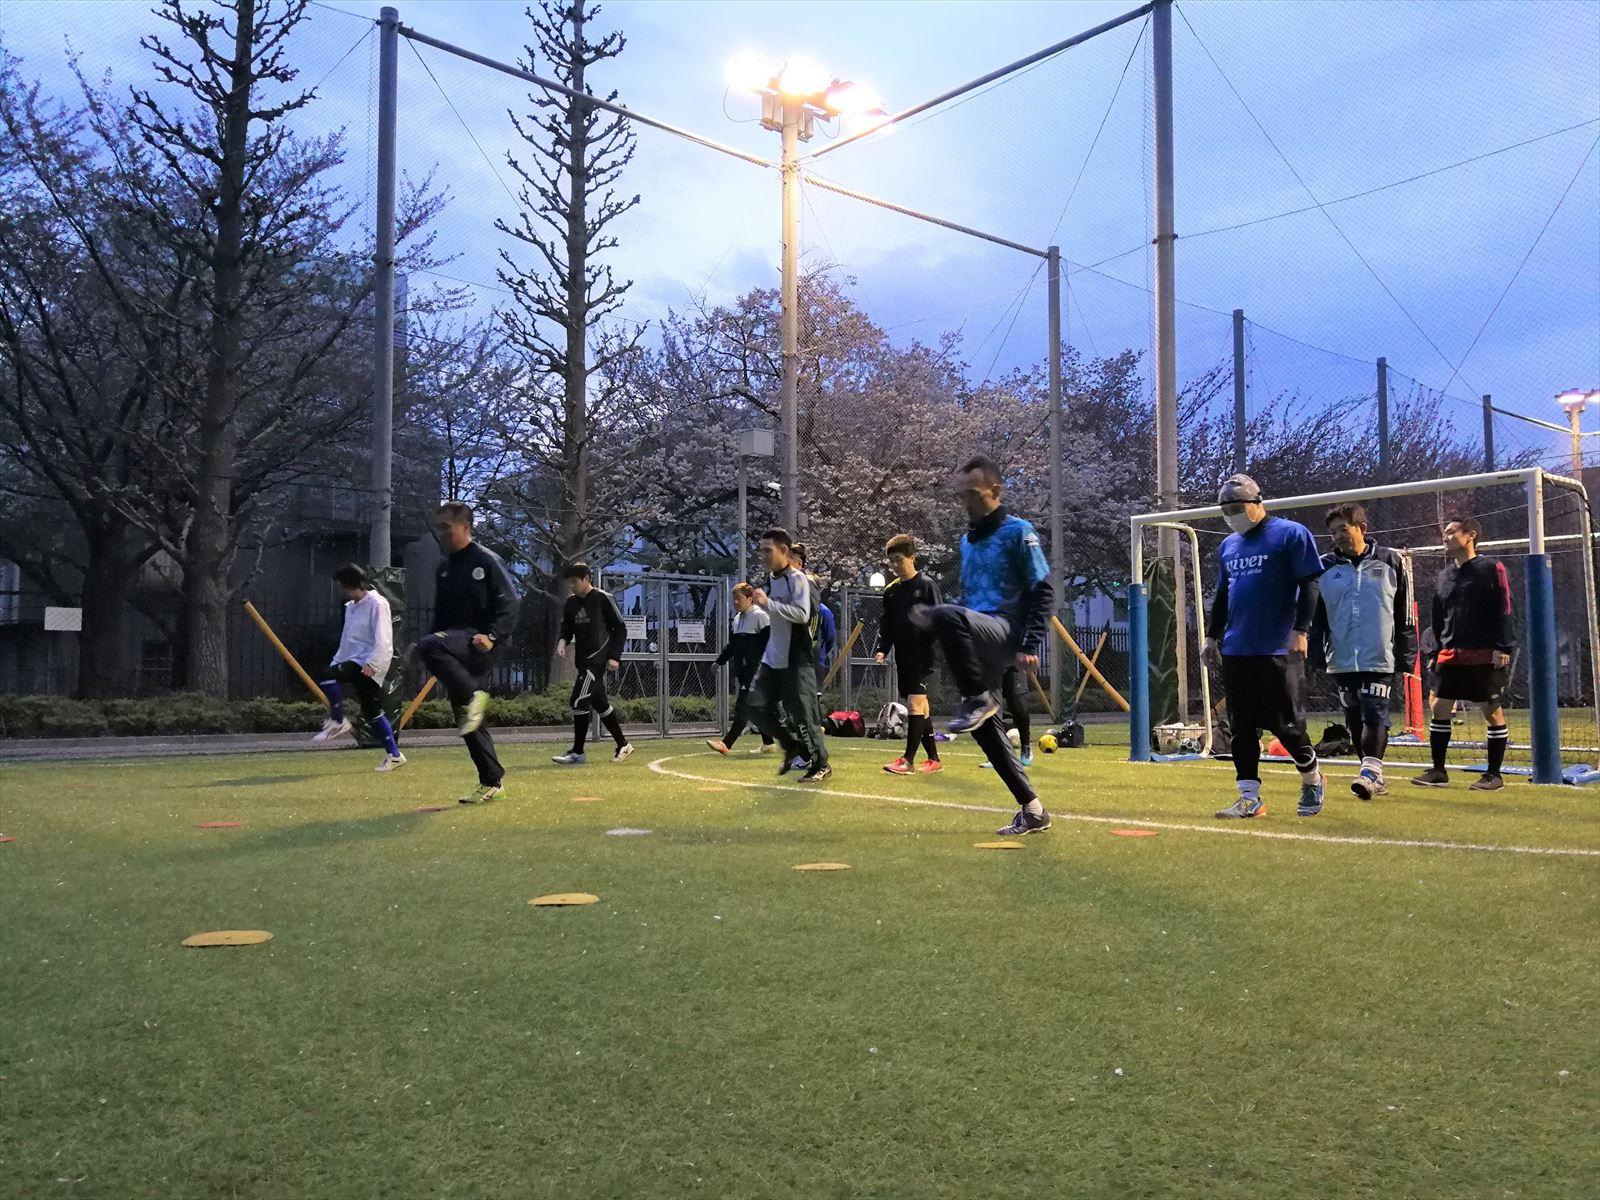 西が丘大人サッカー教室 2019年5月の活動スケジュール